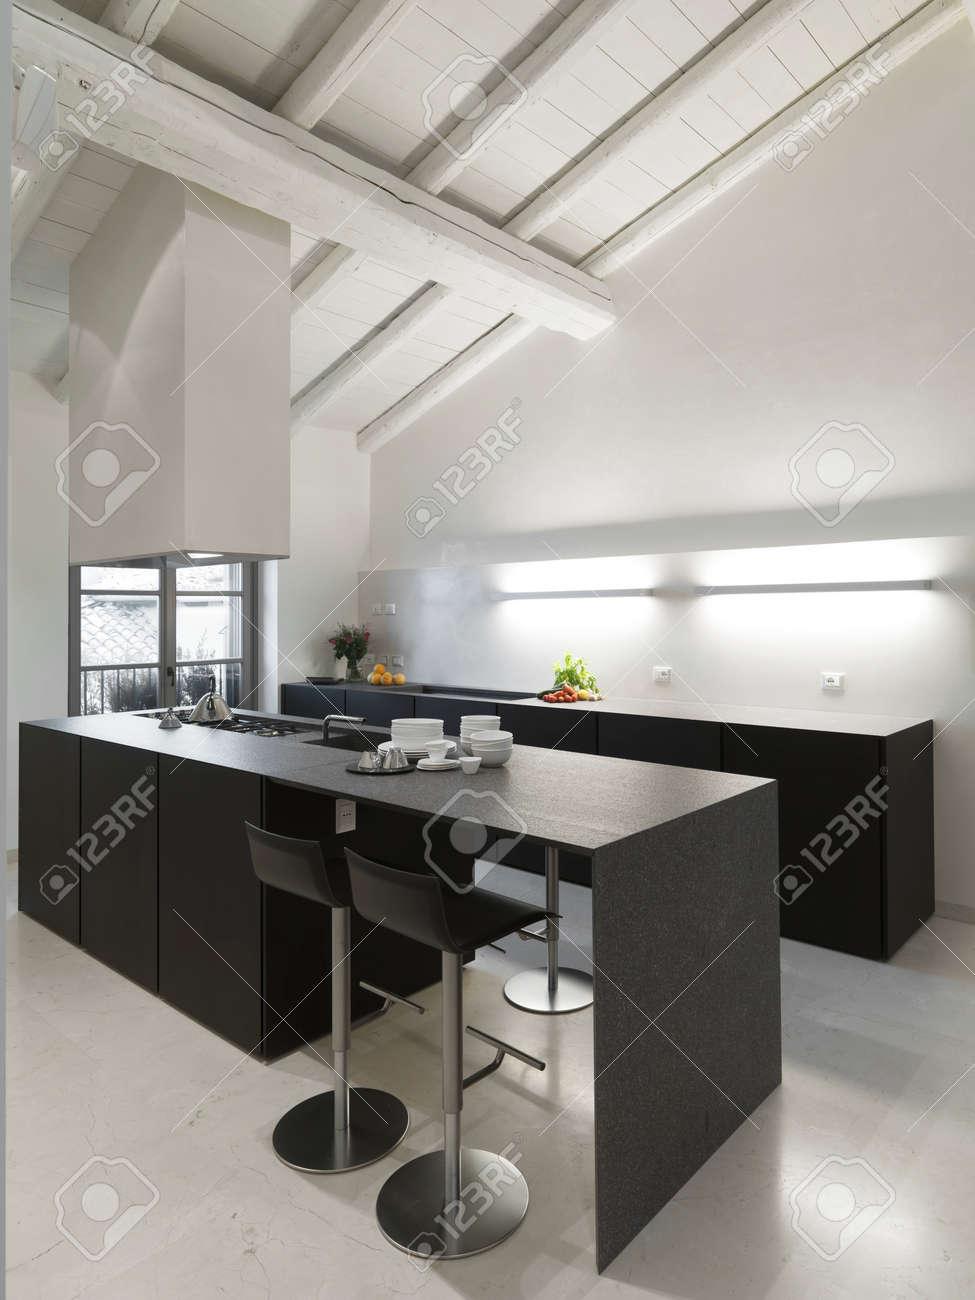 îlot de cuisine moderne avec plafond en bois et sol en marbre dans ...